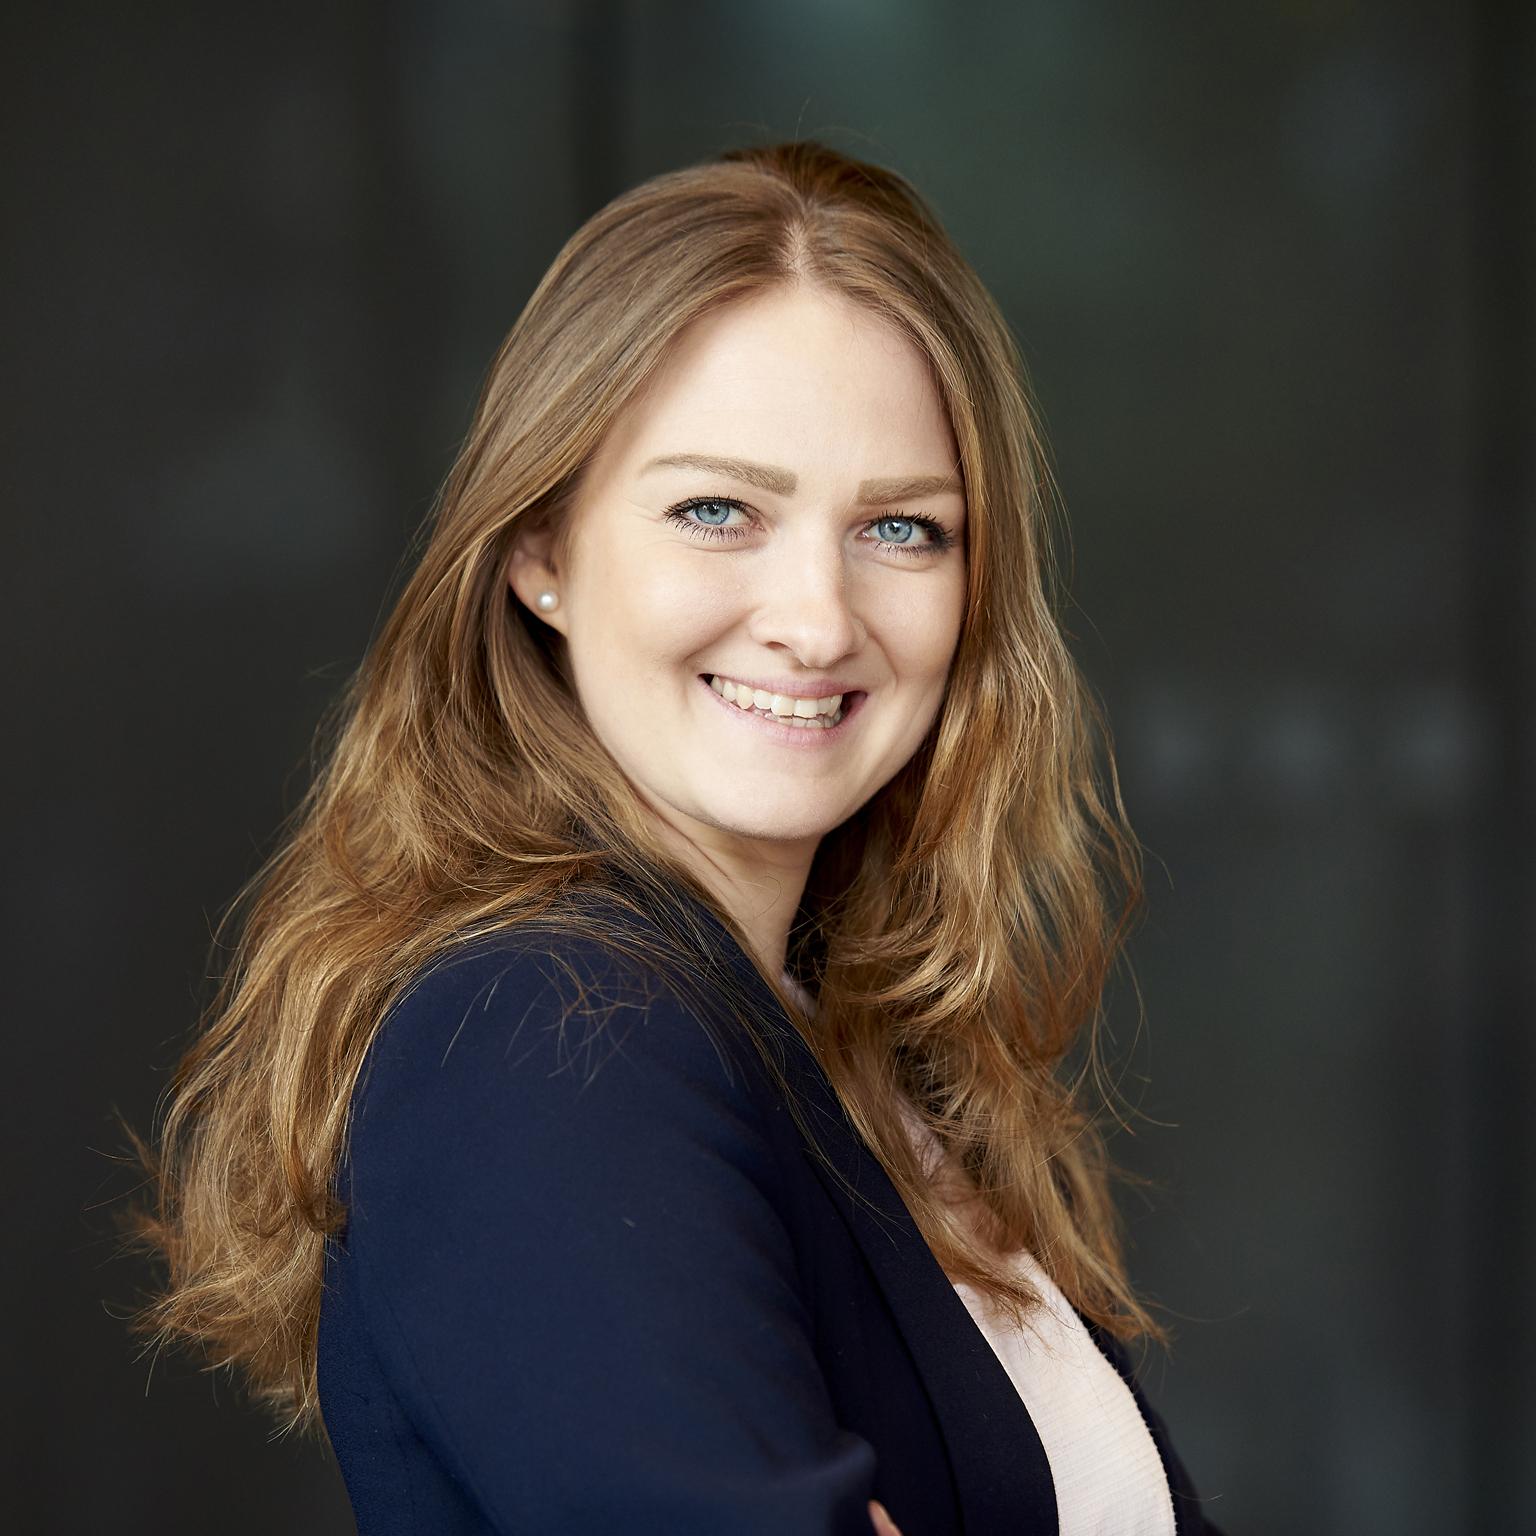 Layla Neubauer